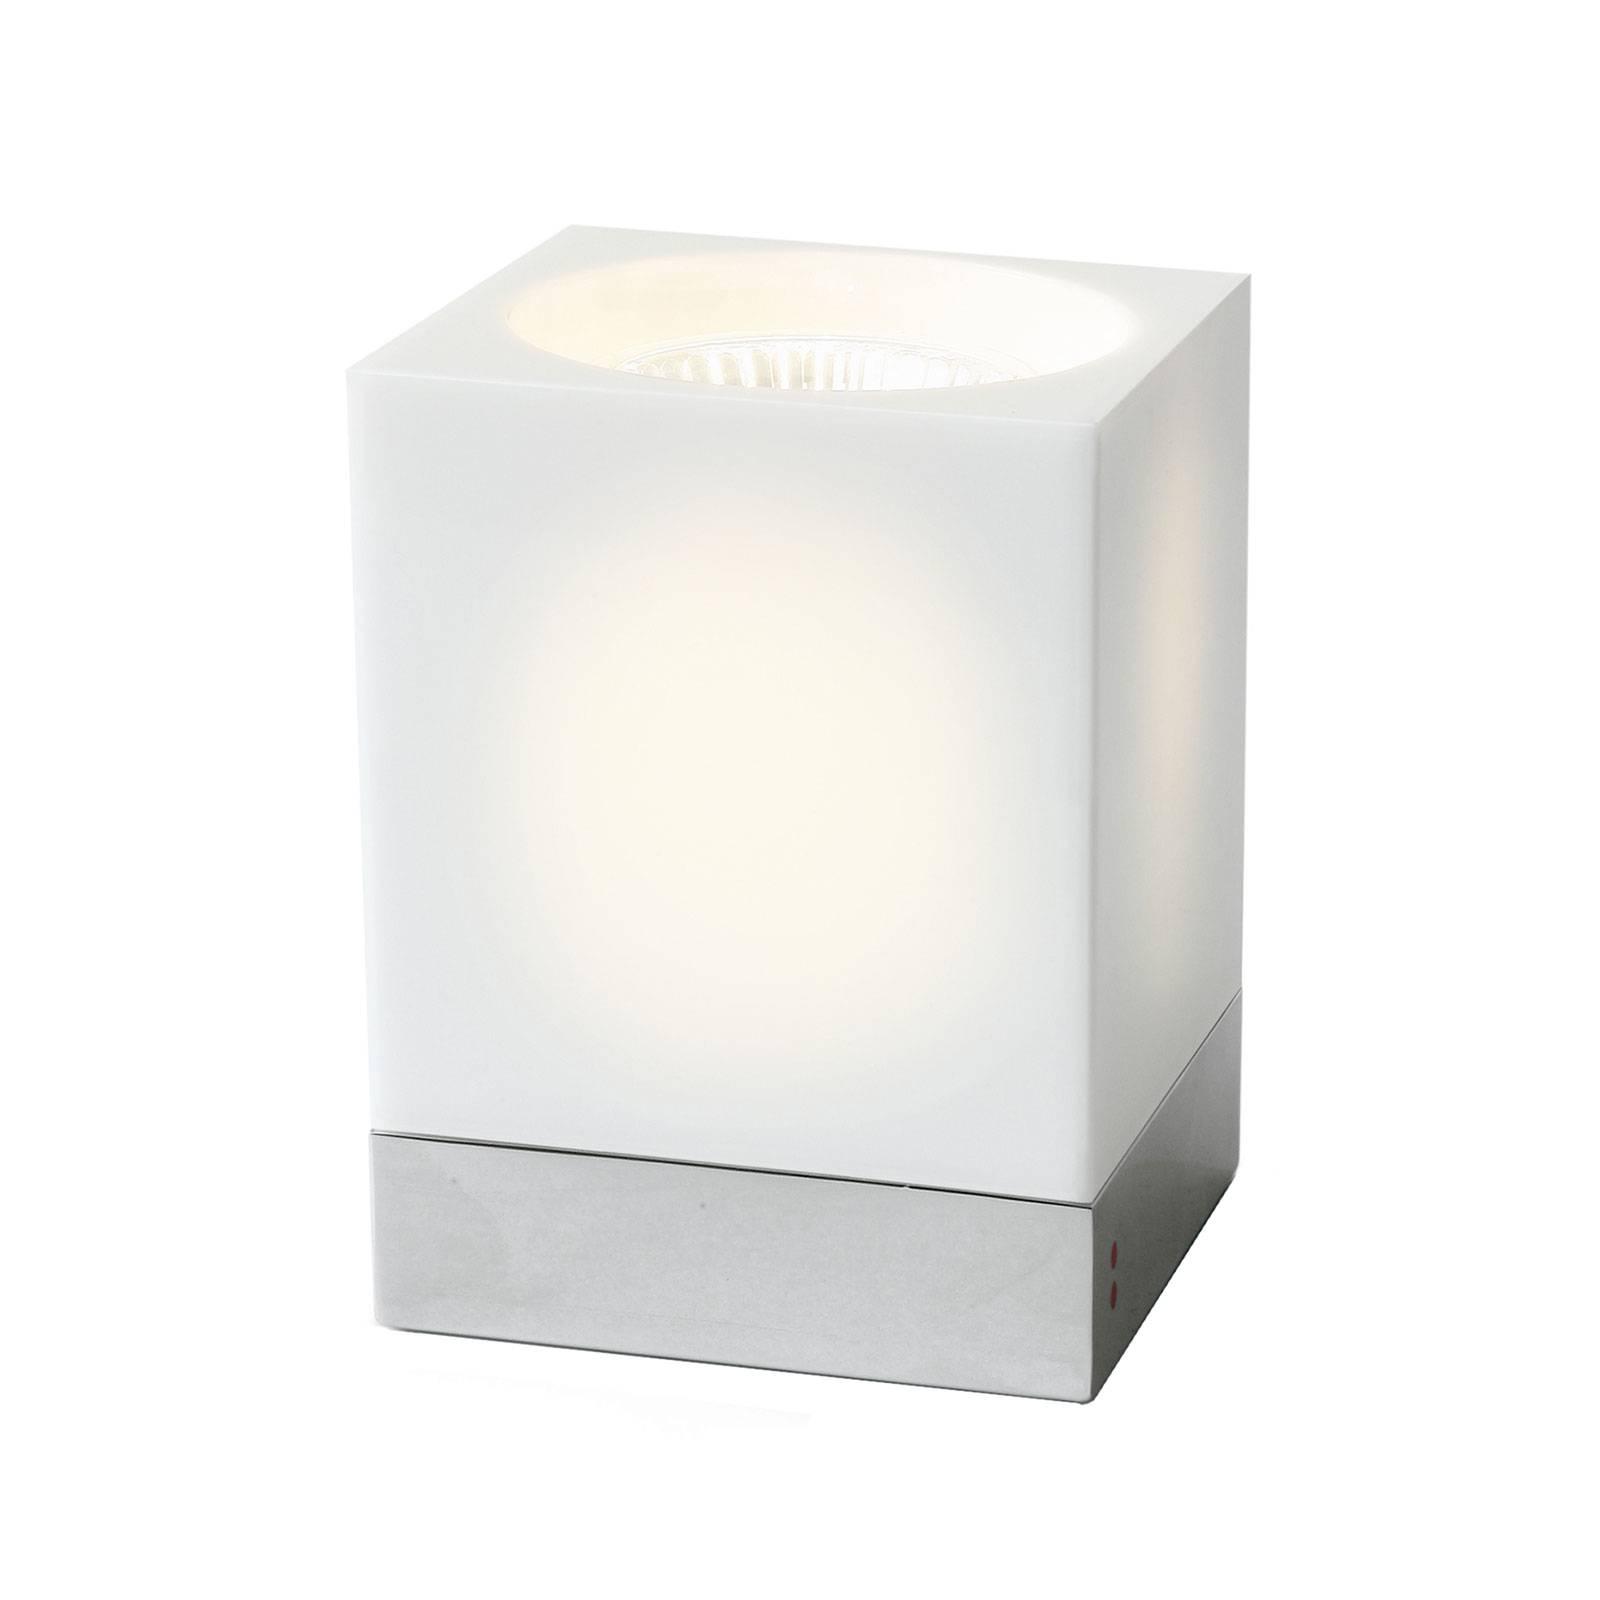 Fabbian Cubetto-pöytävalaisin GU10 kromi/valkoinen